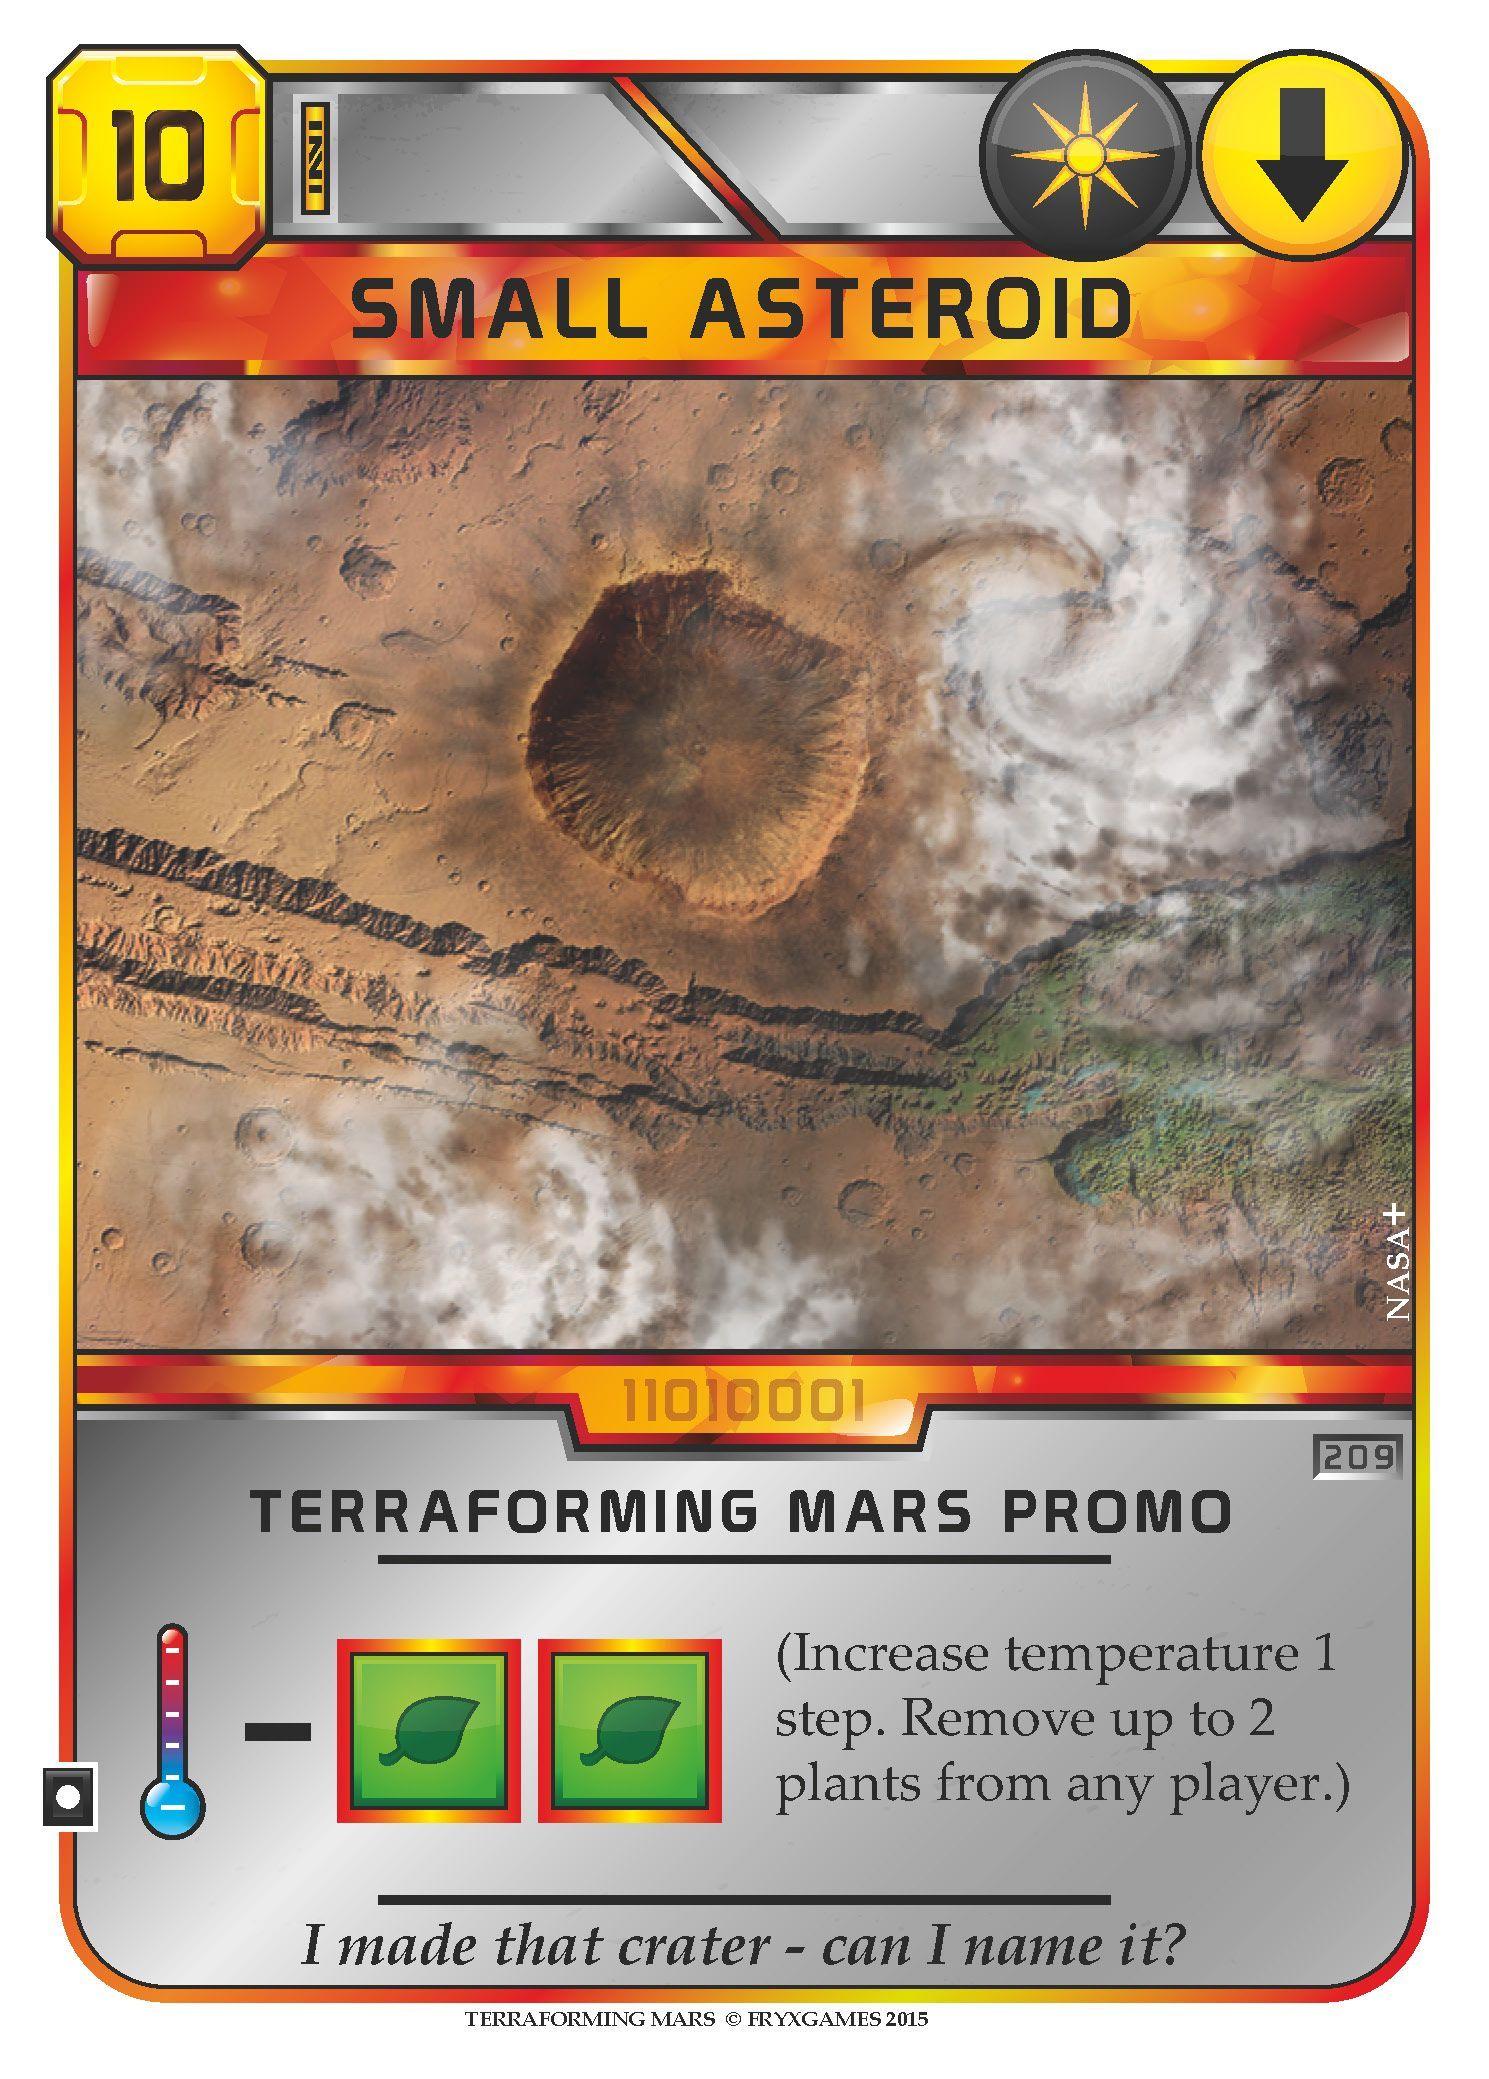 Покорение Марса: Мелкий астероид промо-карта